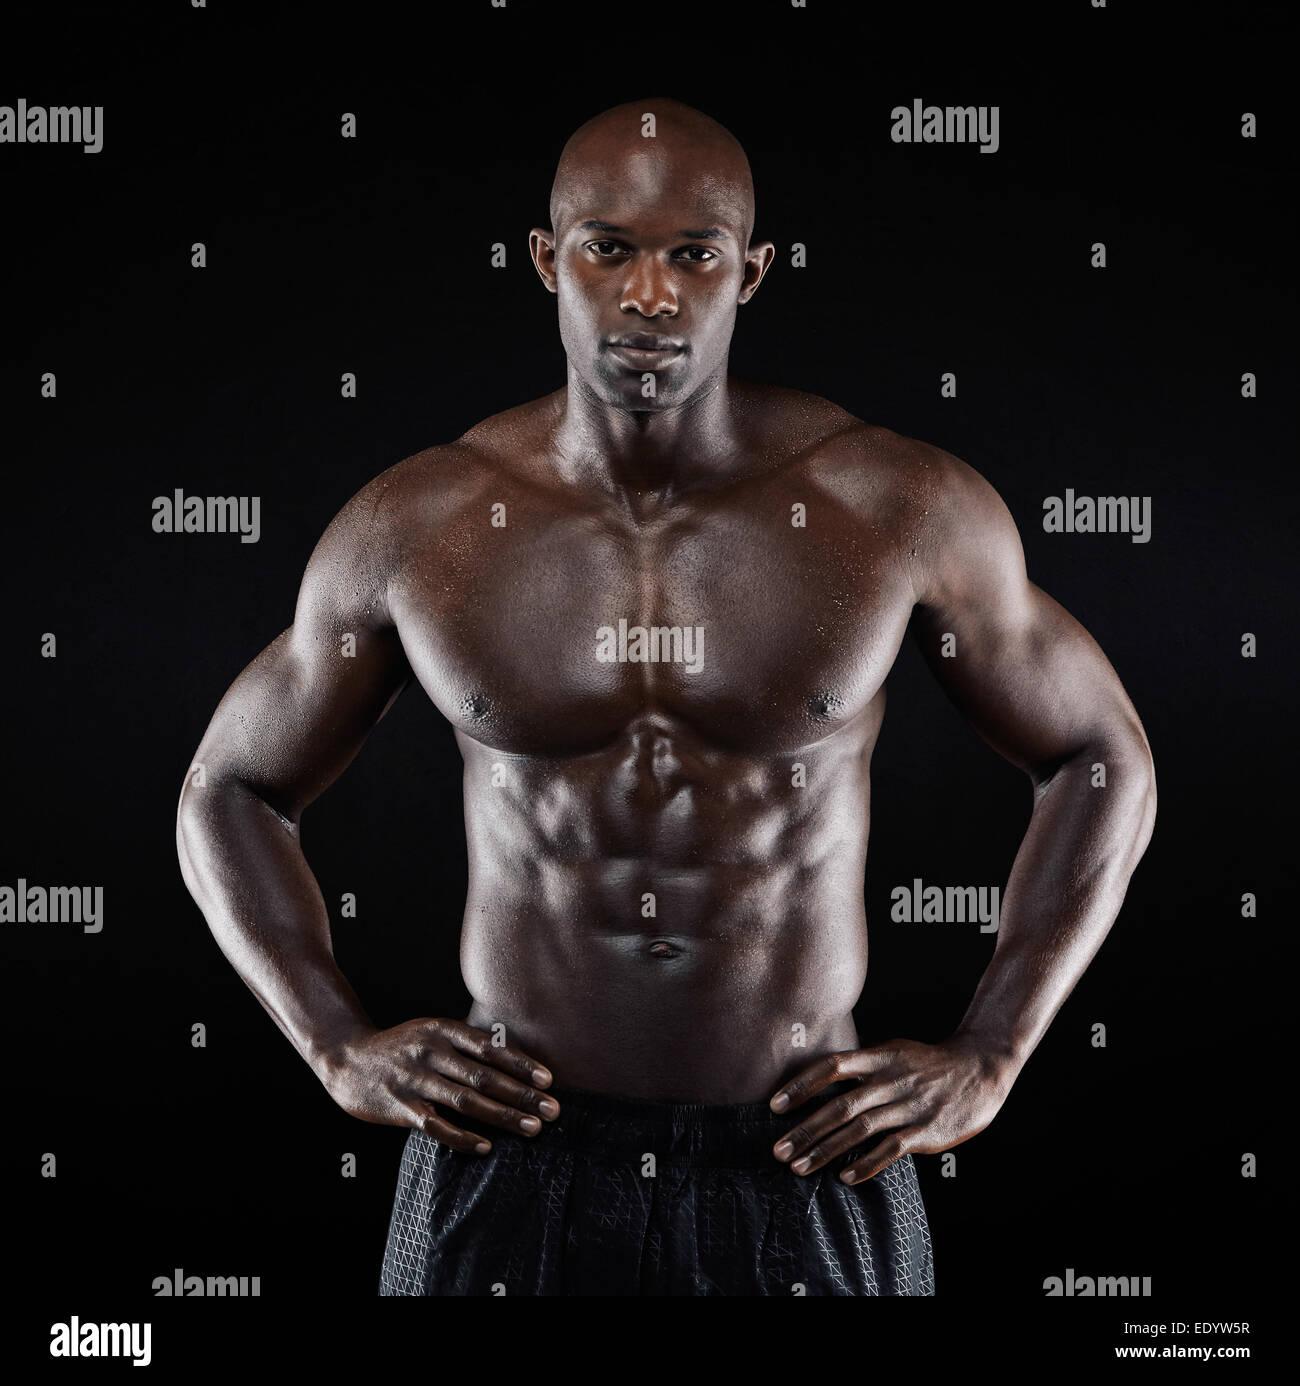 Retrato de un hombre afro-americanos fuertes exhibiendo su cuerpo contra el fondo negro. Descamisados modelo masculino Imagen De Stock